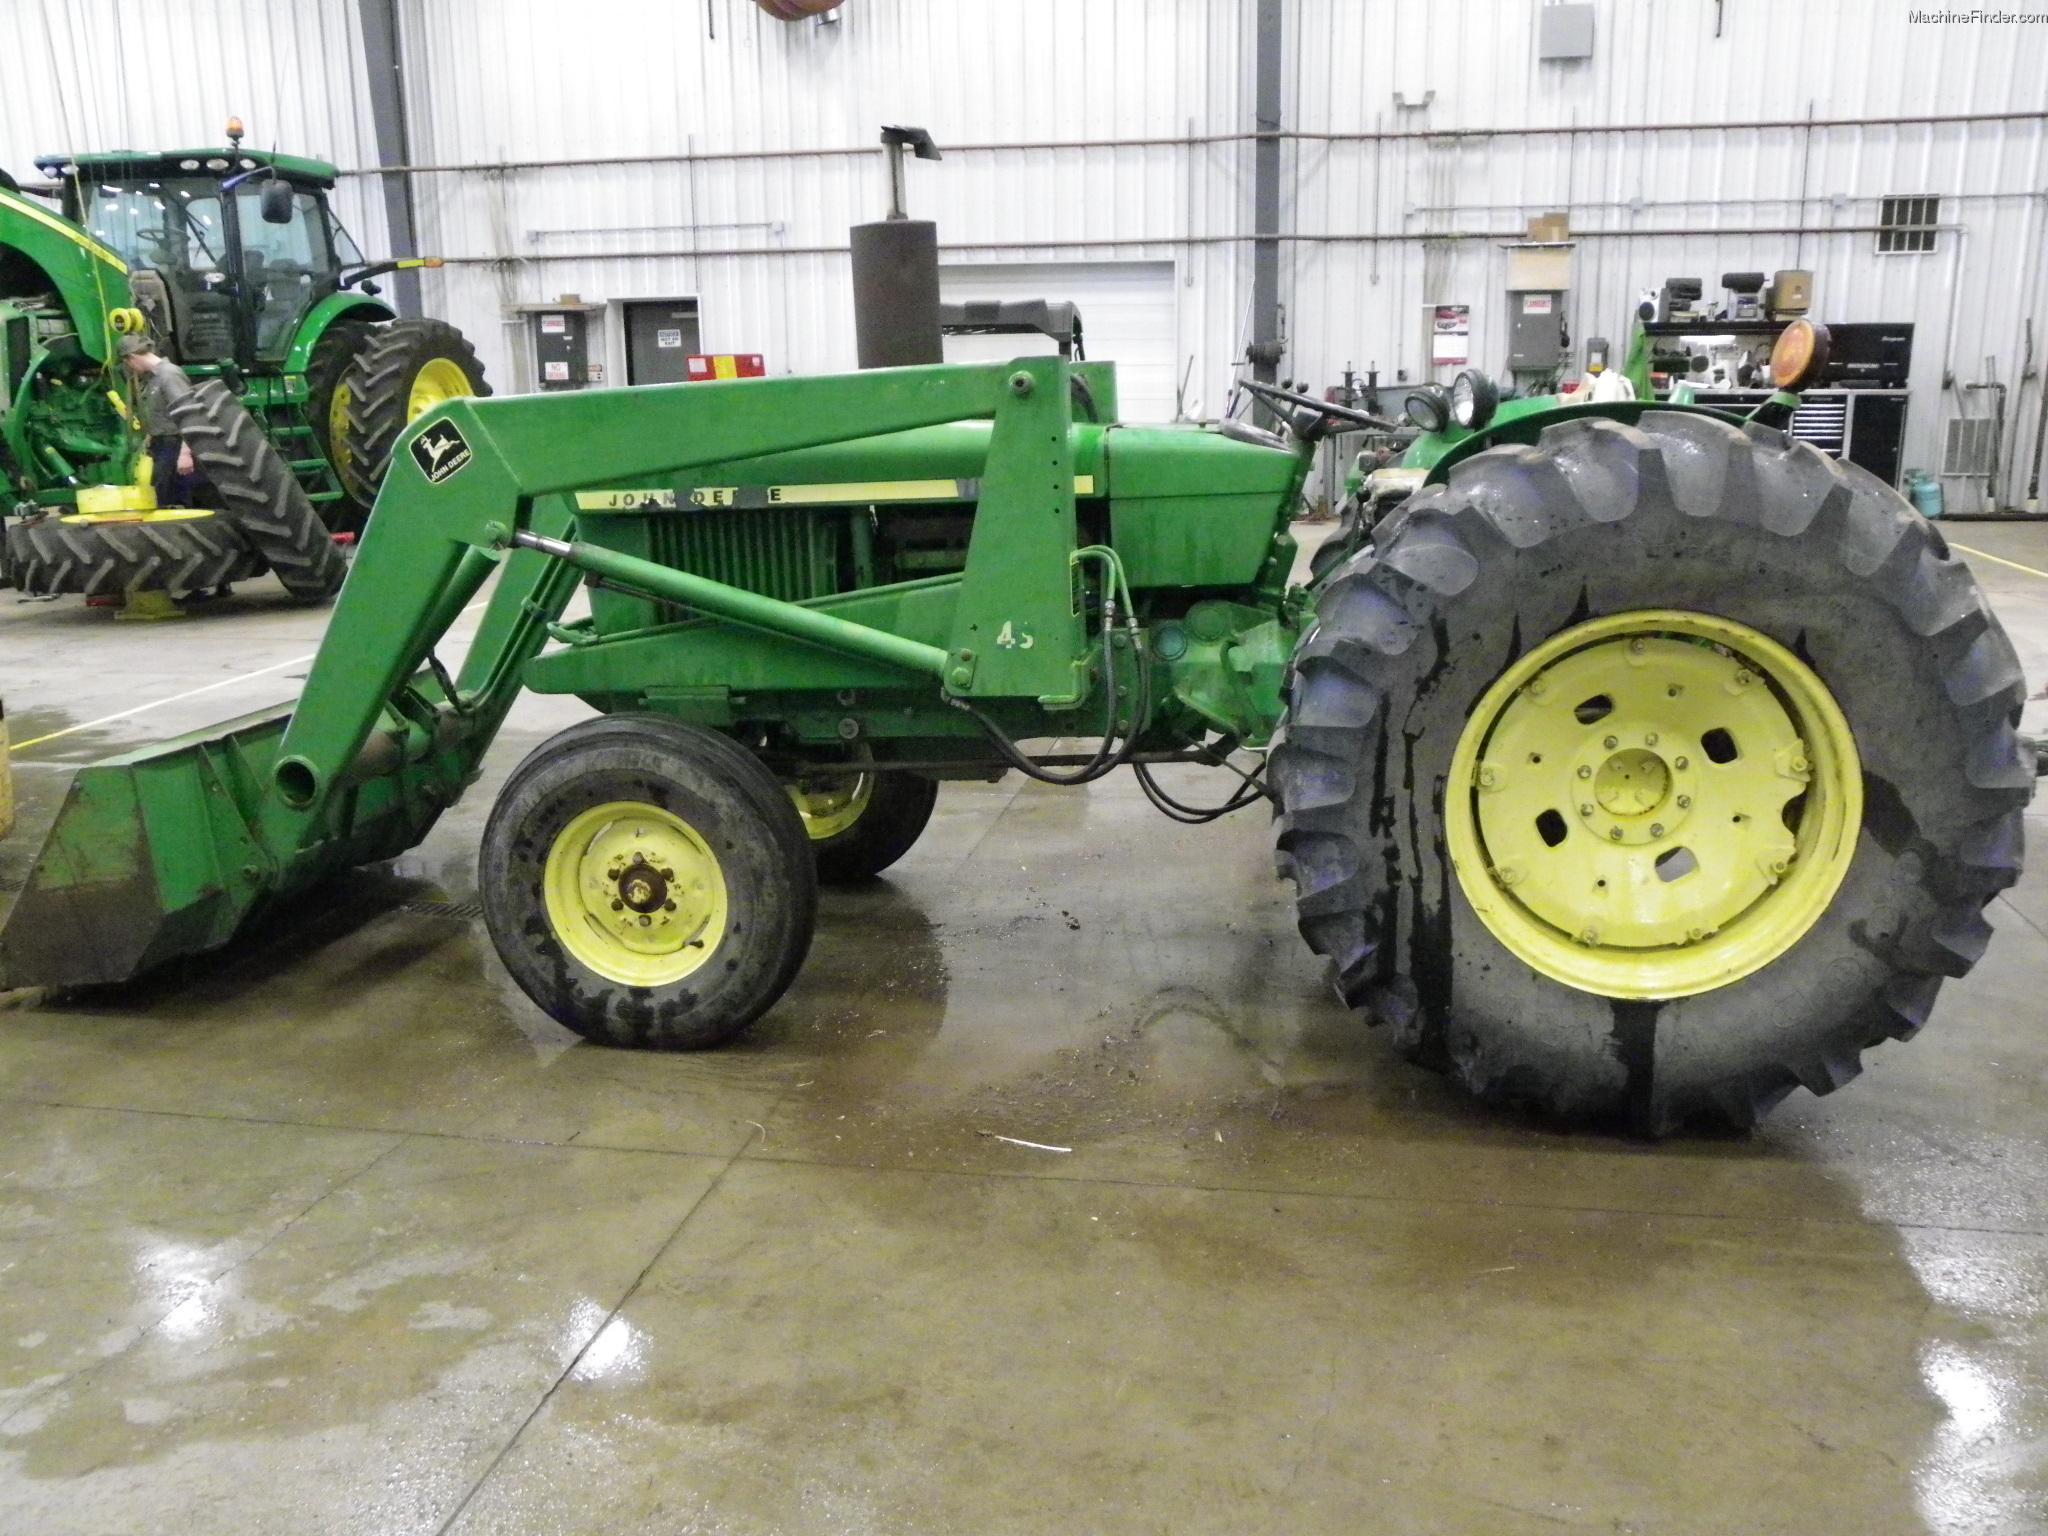 John Deere 2020 Tractors - Compact (1-40hp.) - John Deere ...